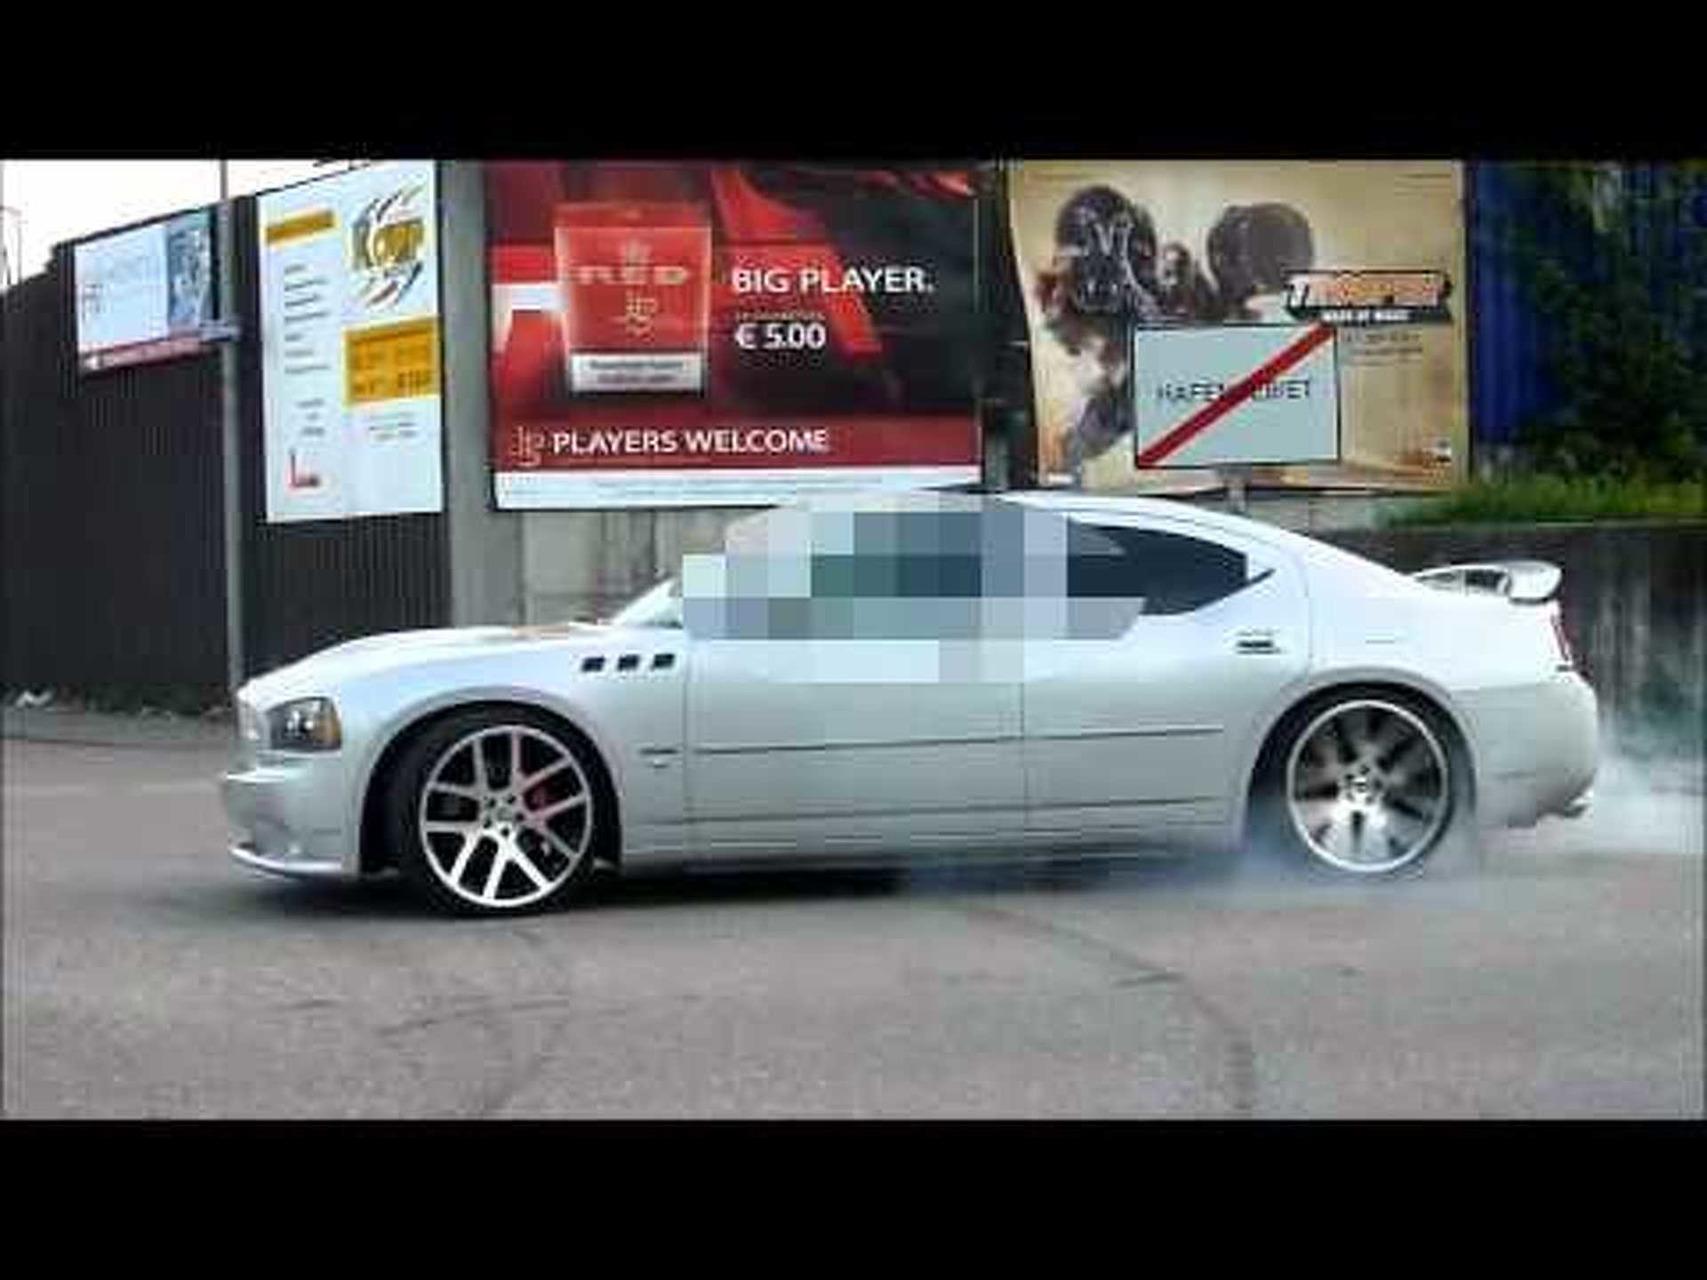 2007 Dodge Charger SRT8 6.1l burnout